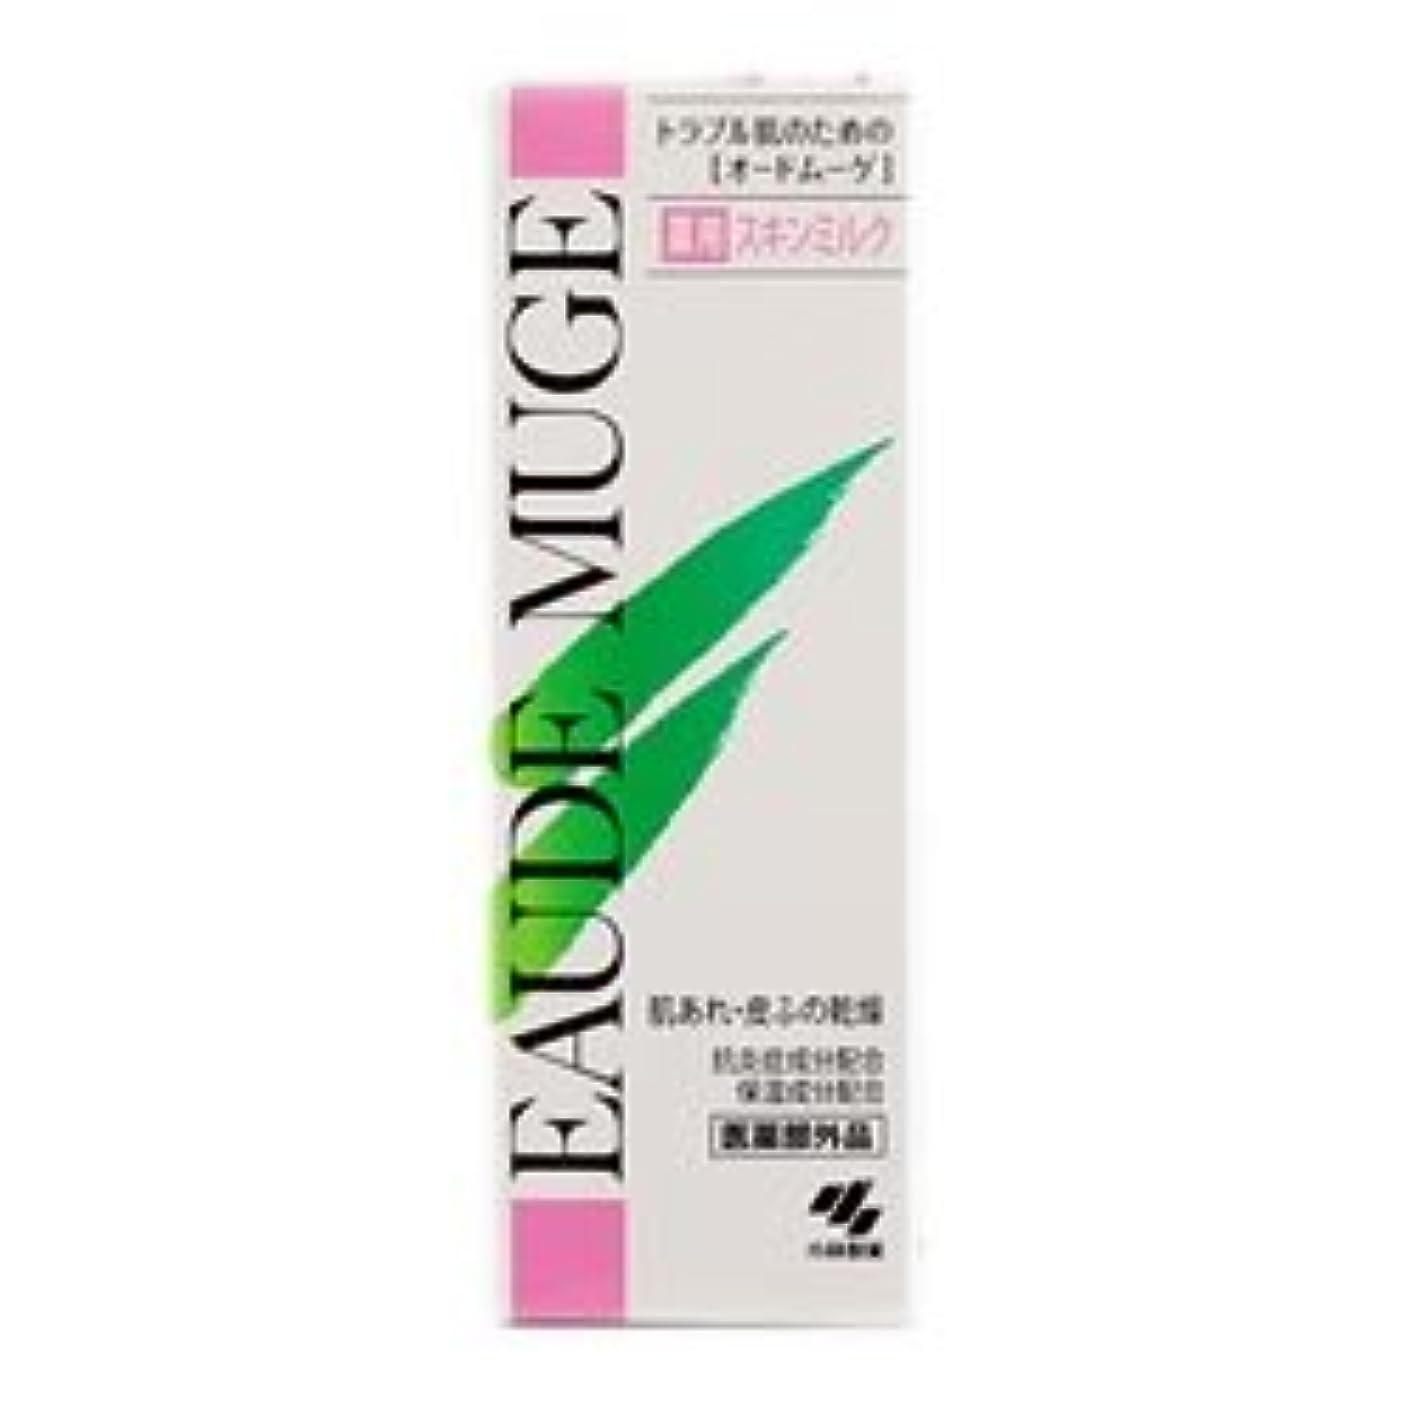 頼るバラエティクラックポット【小林製薬】オードムーゲ薬用スキンミルク 100g ×5個セット